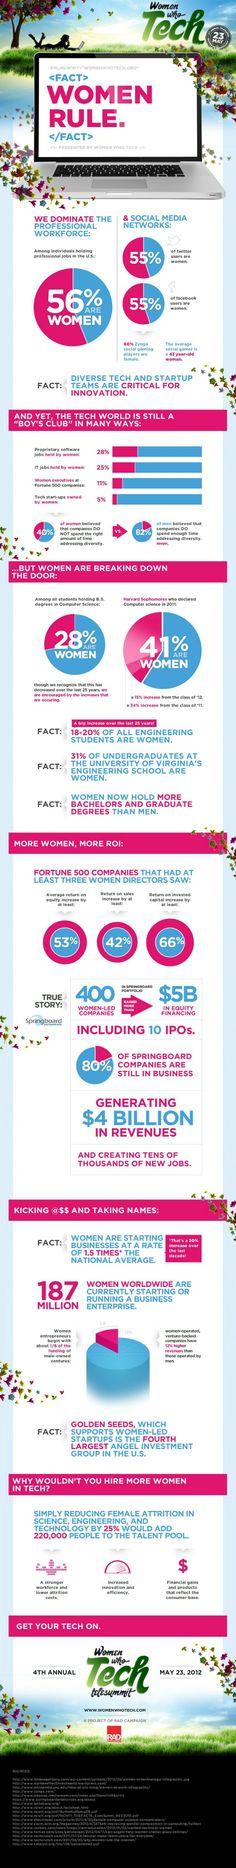 Women in Social Media Companies